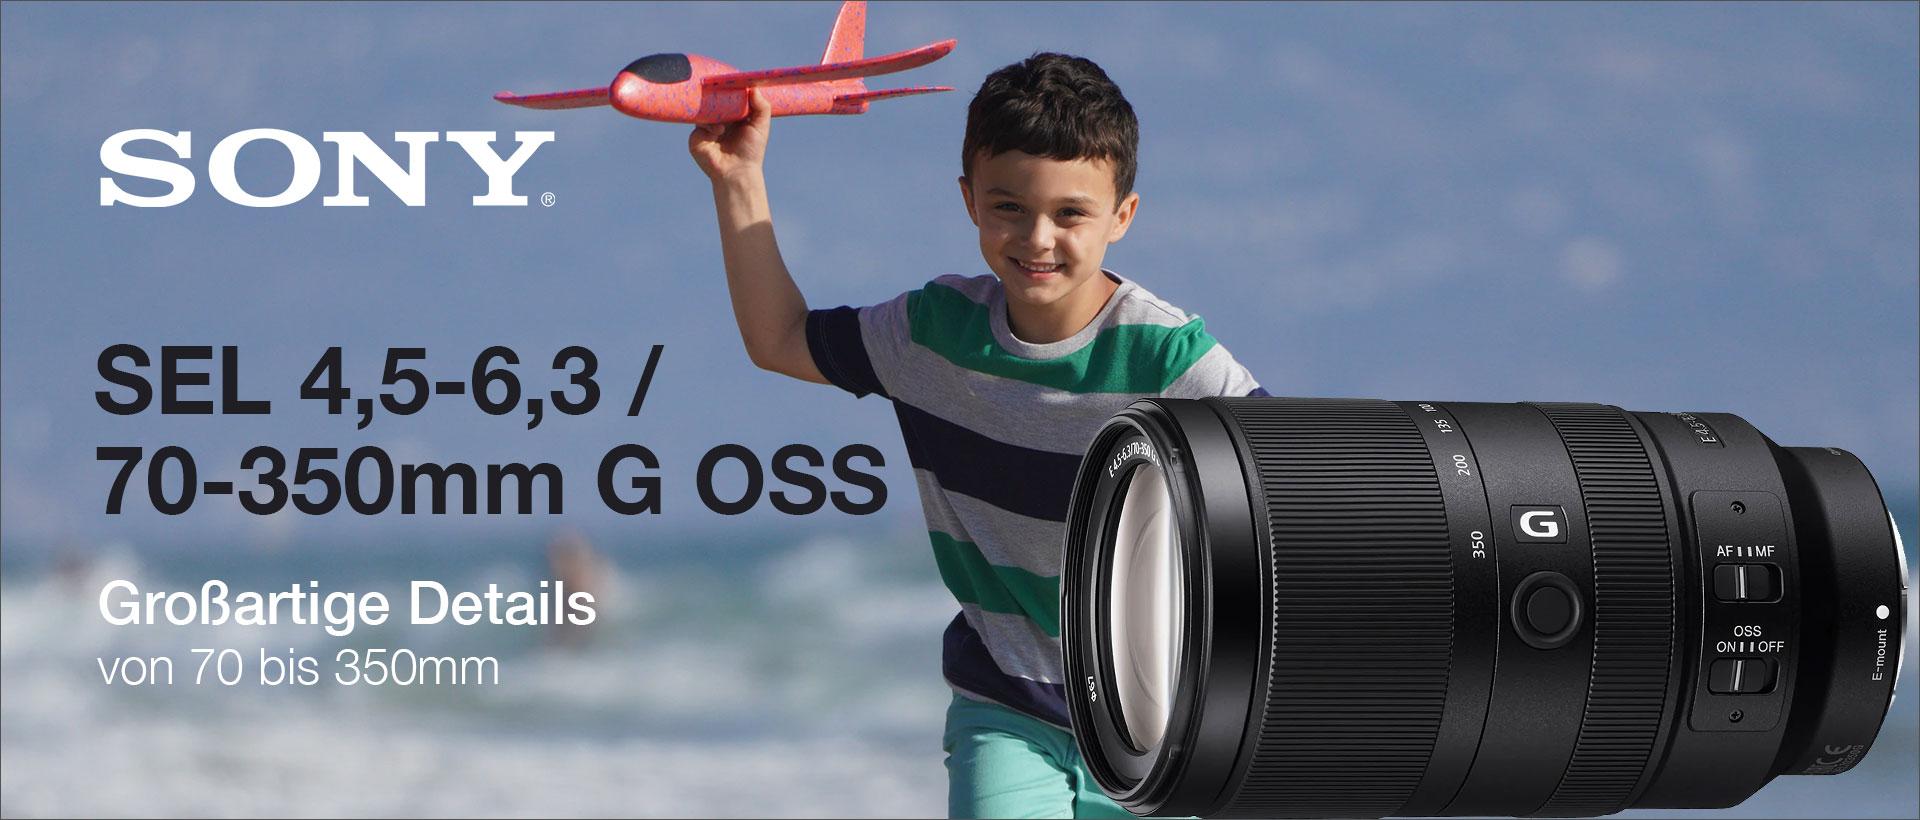 Sony SEL 4,5-6,3/70-350mm G OSS